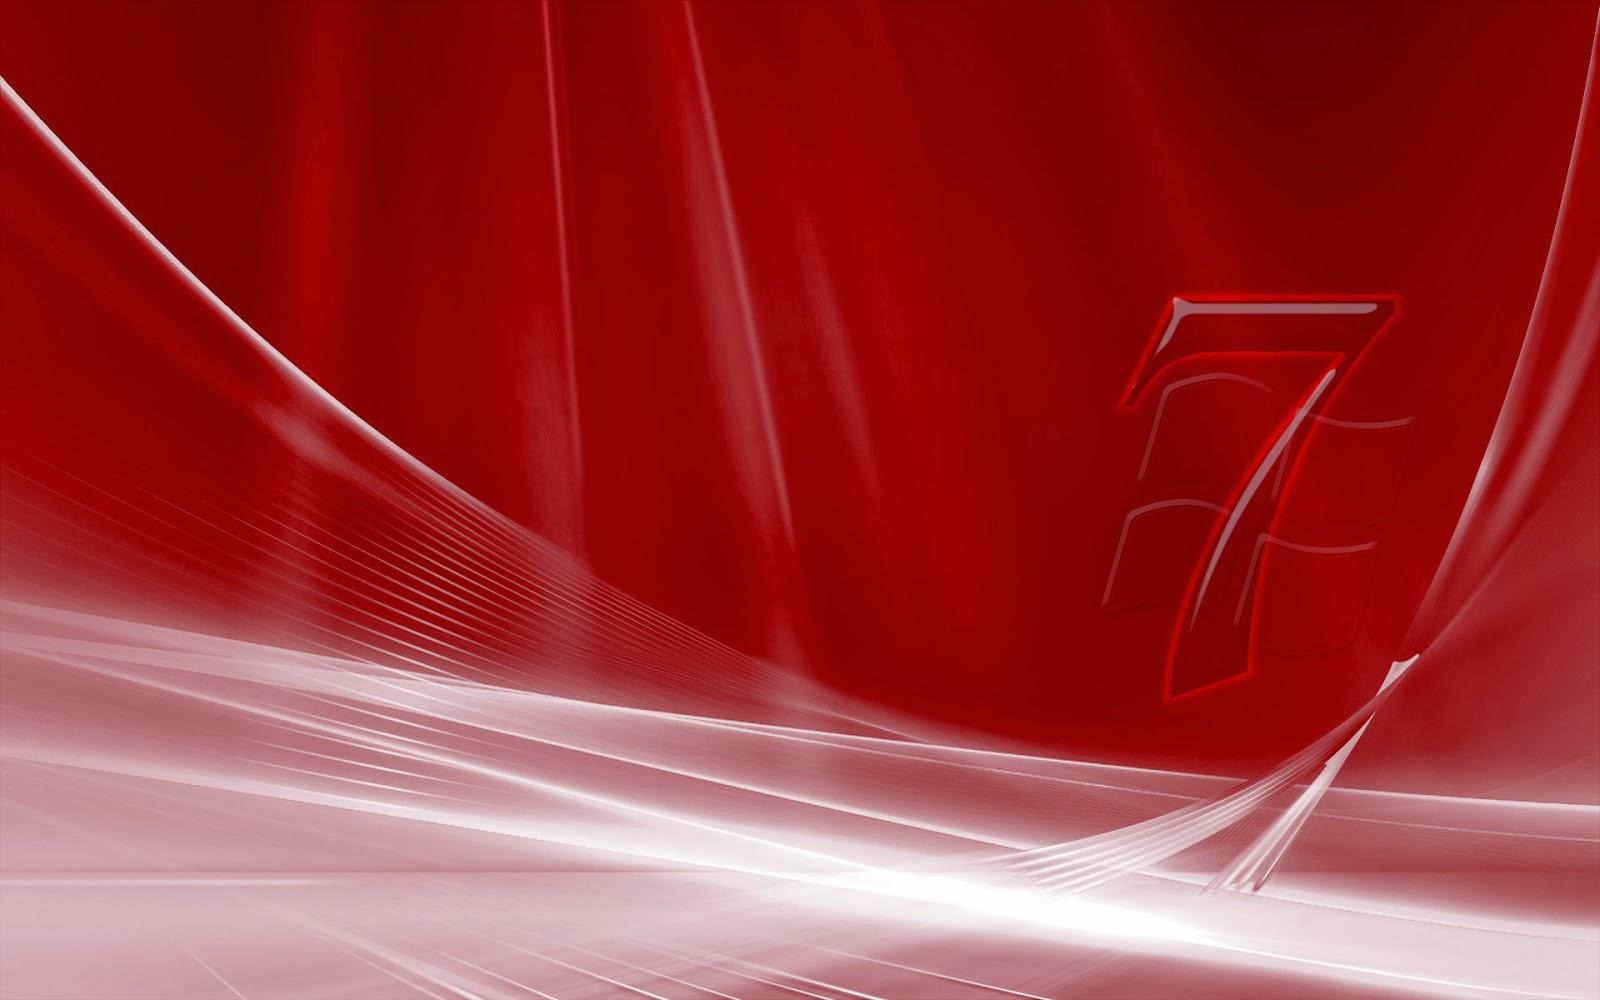 Fondo De Pantalla Windows 7 Rojo